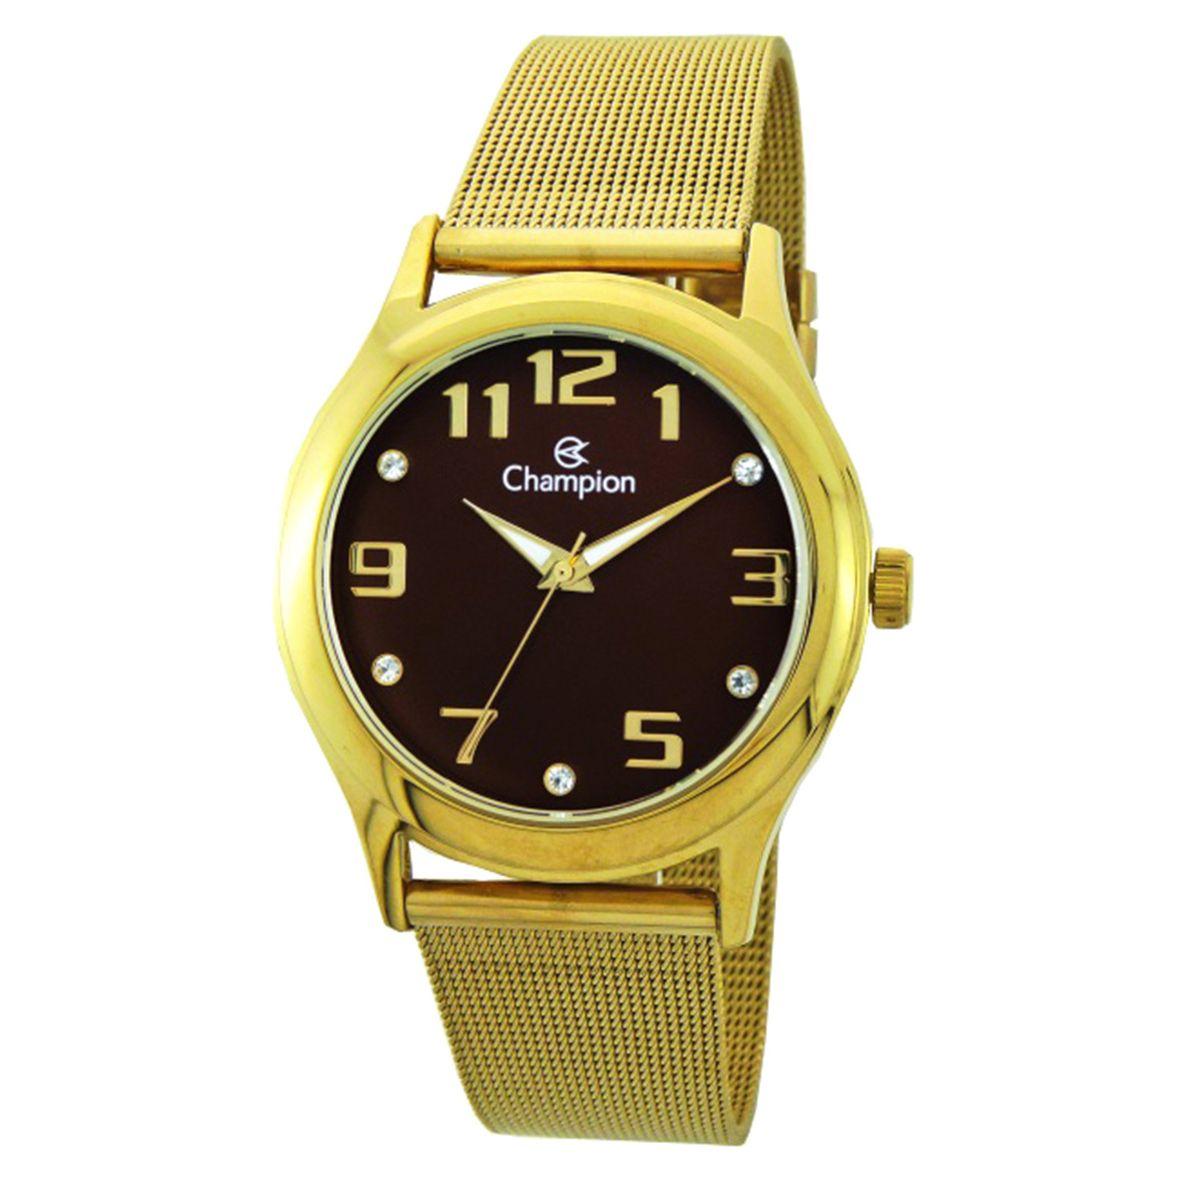 02e530c1c21 Relógio Champion Analógico Feminino CN29007R Dourado